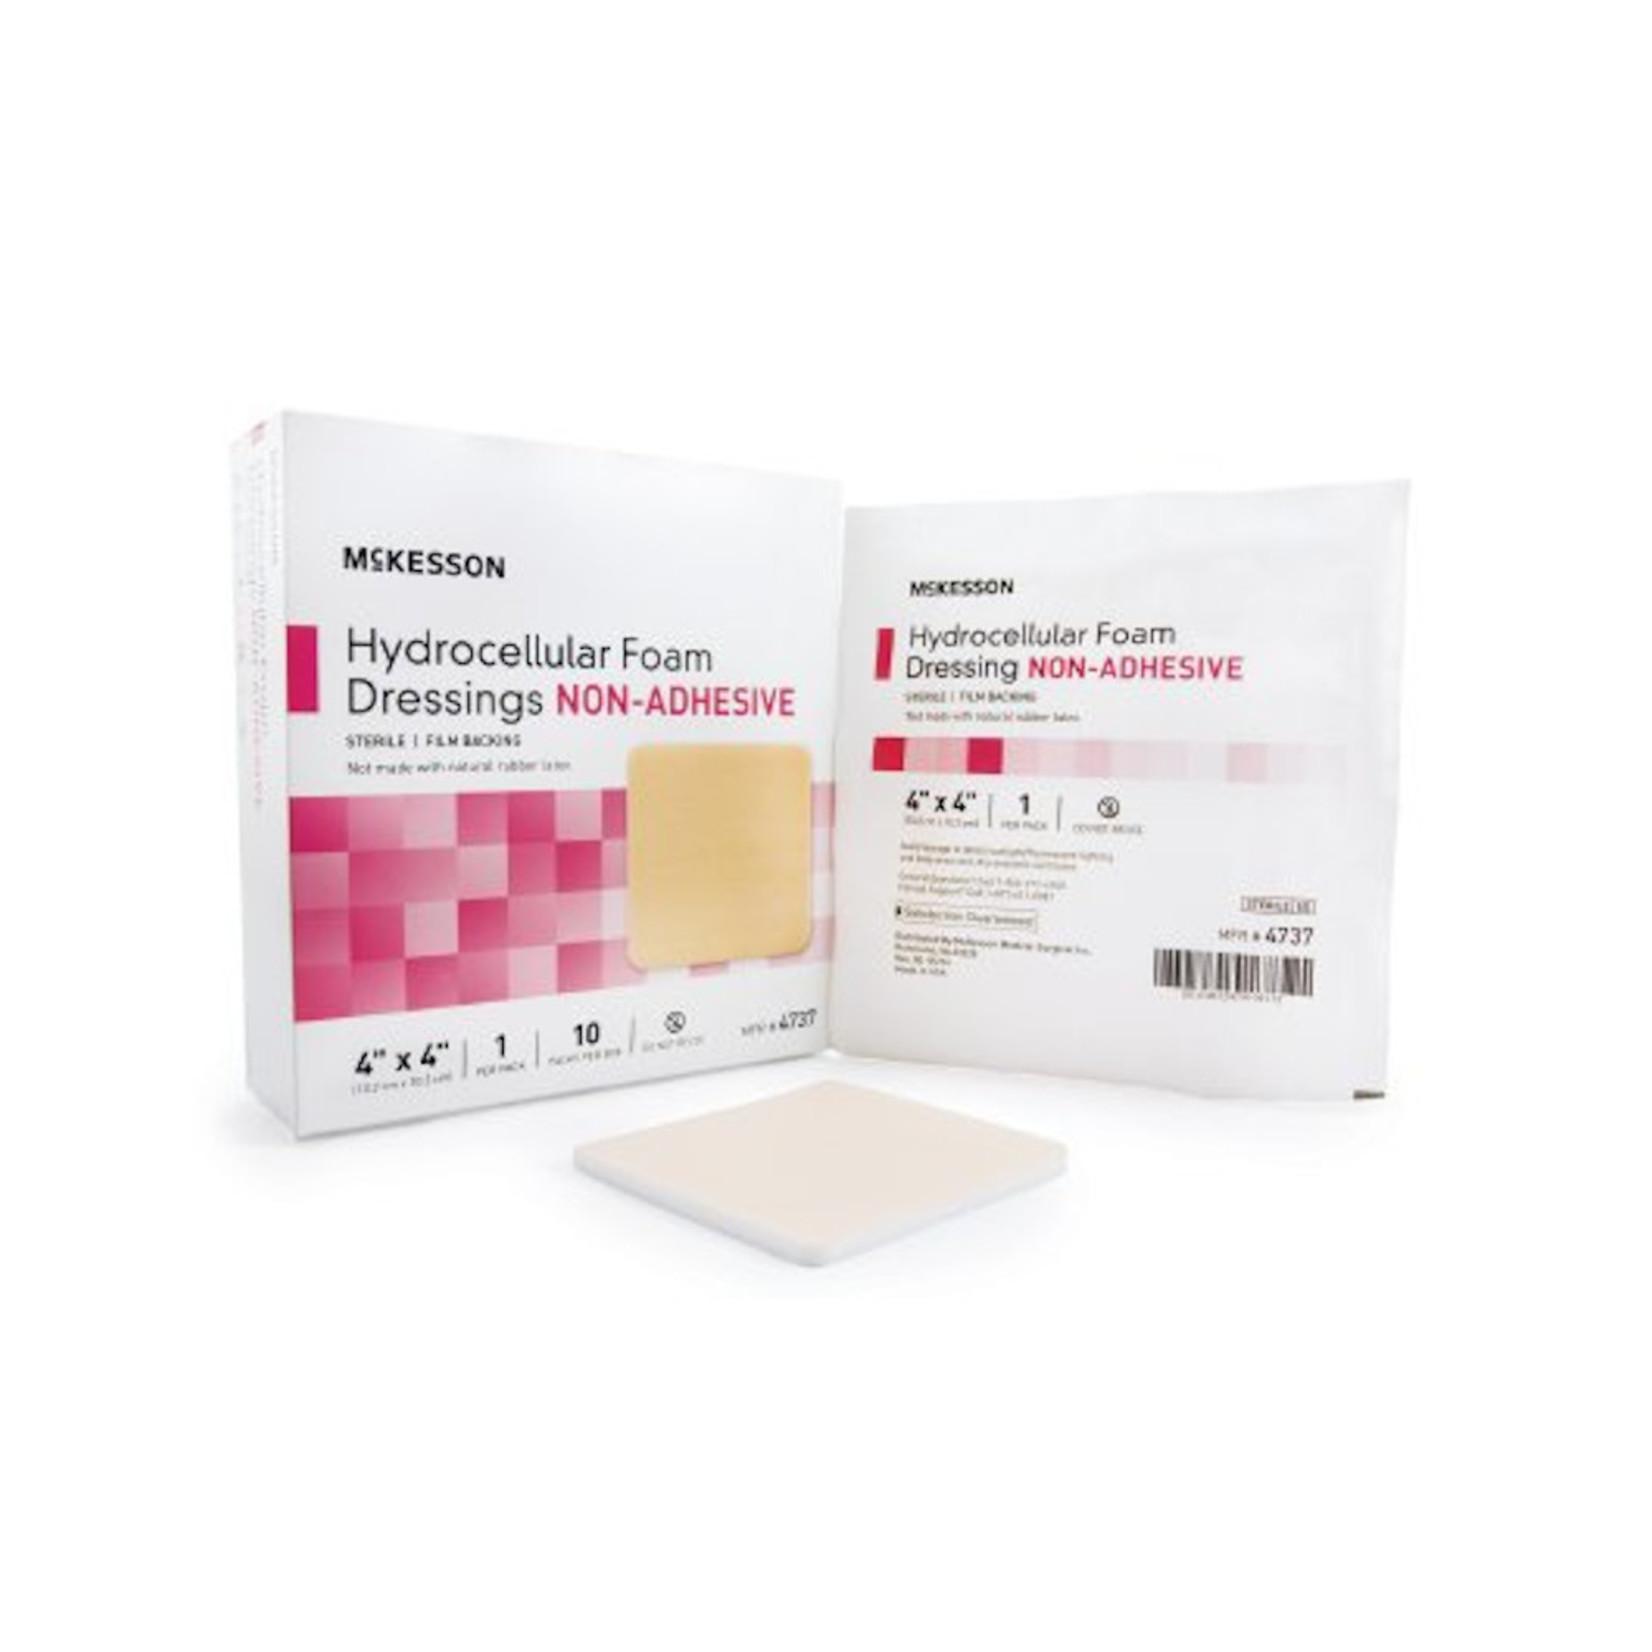 Hydrocellular Foam Dressing, Non-Adhesive 4x4 (Polymem)